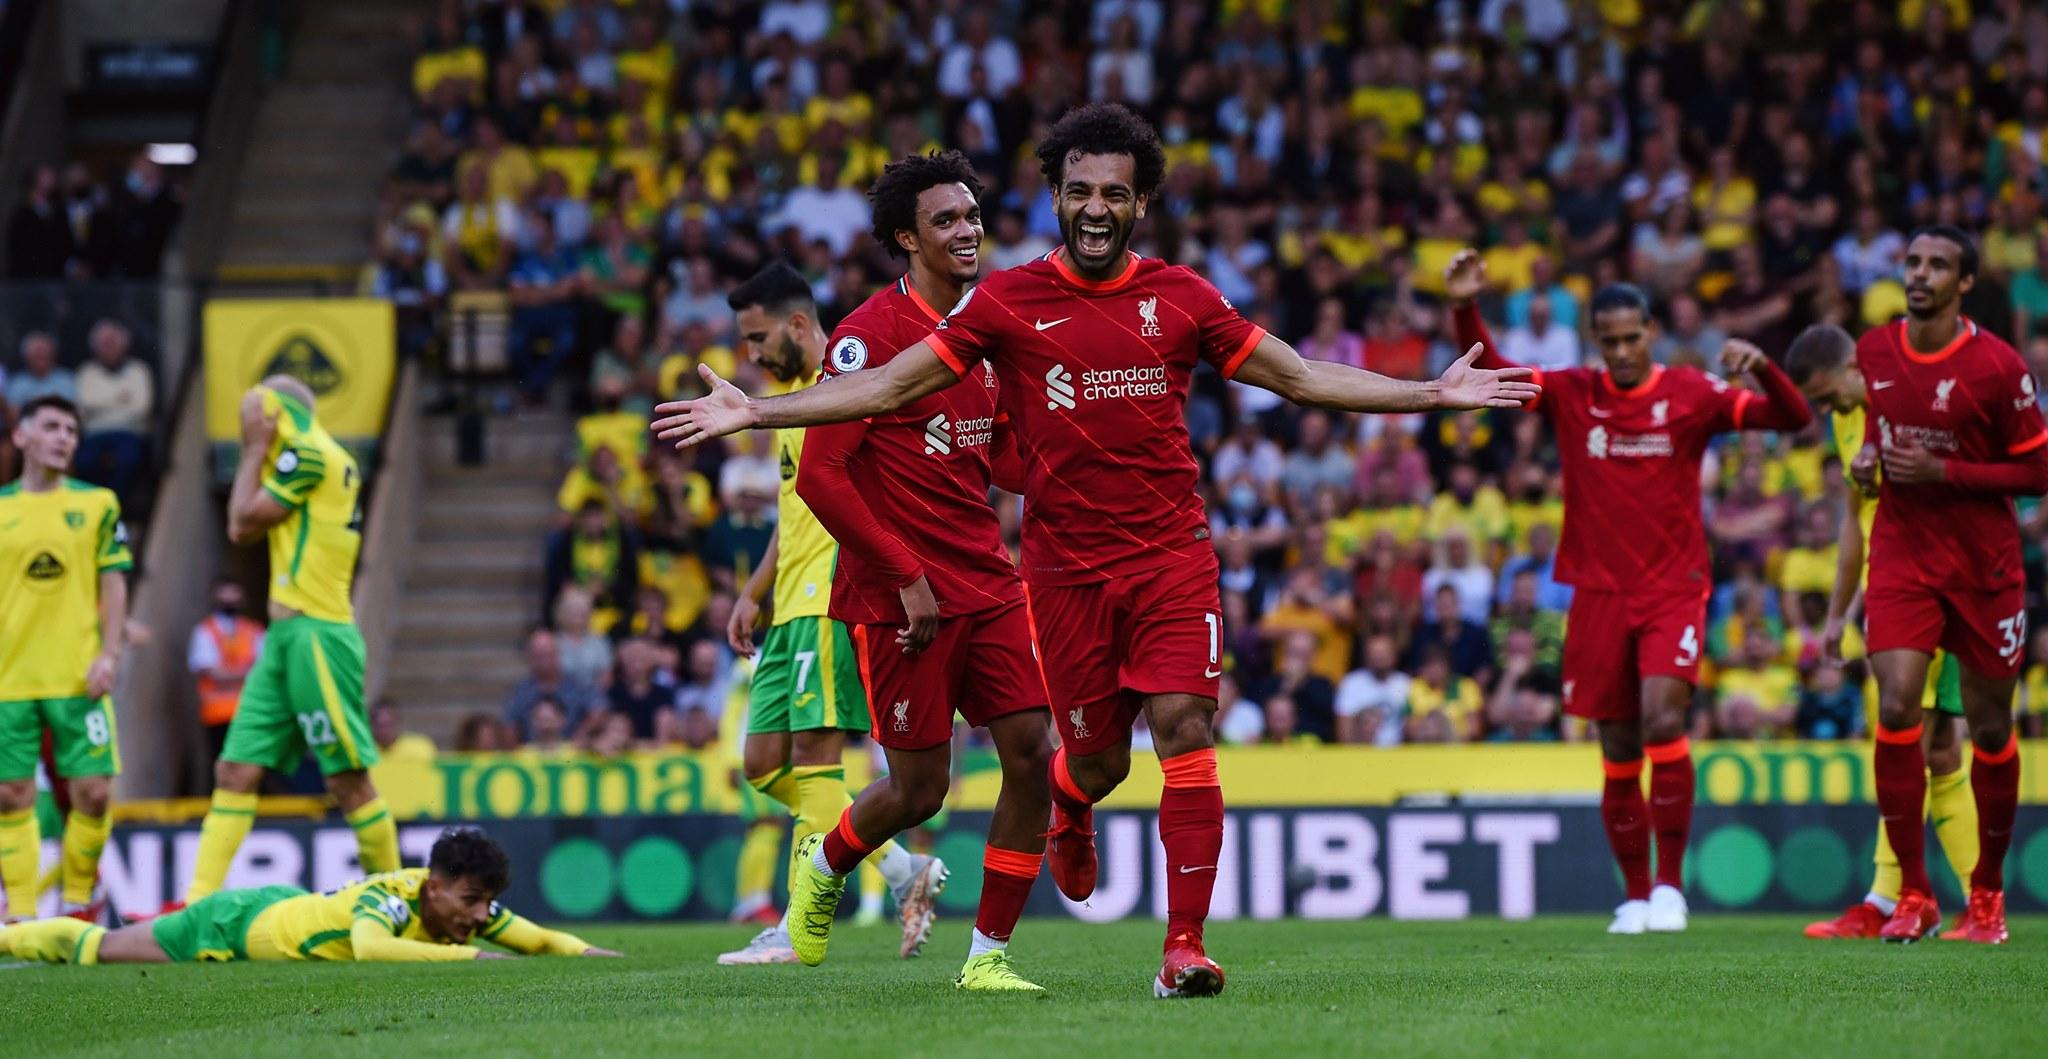 صلاح مهاجم ليفربول يسجل هدفه 100 بالبطولة الإنجليزية